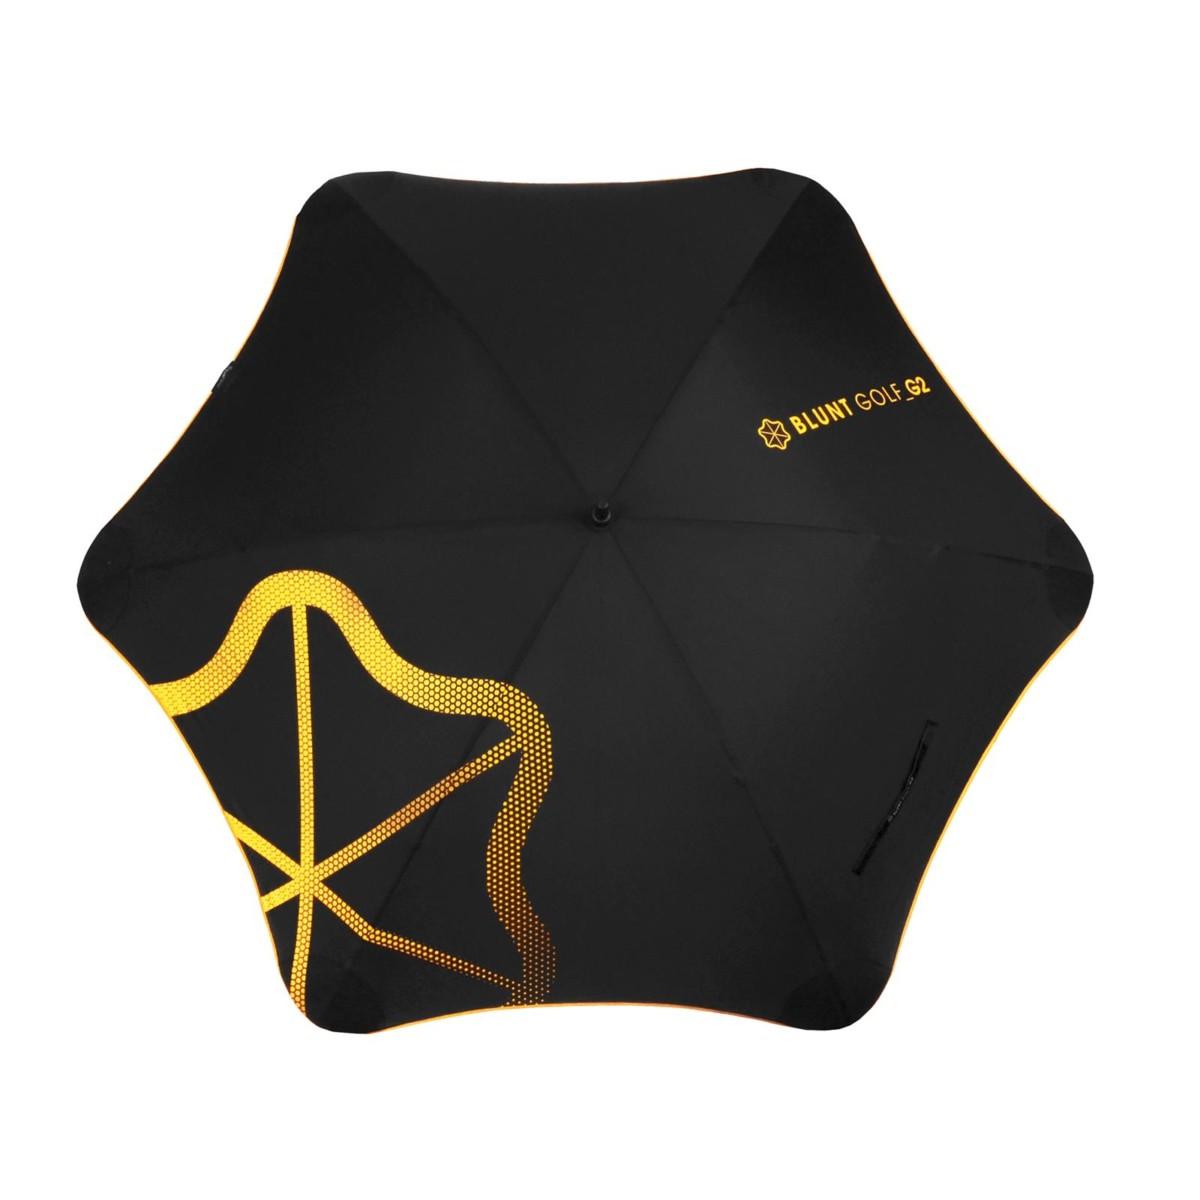 Parapluie Blunt Golf g2 golfschirm Parapluie Tempete Parapluie 146 cm